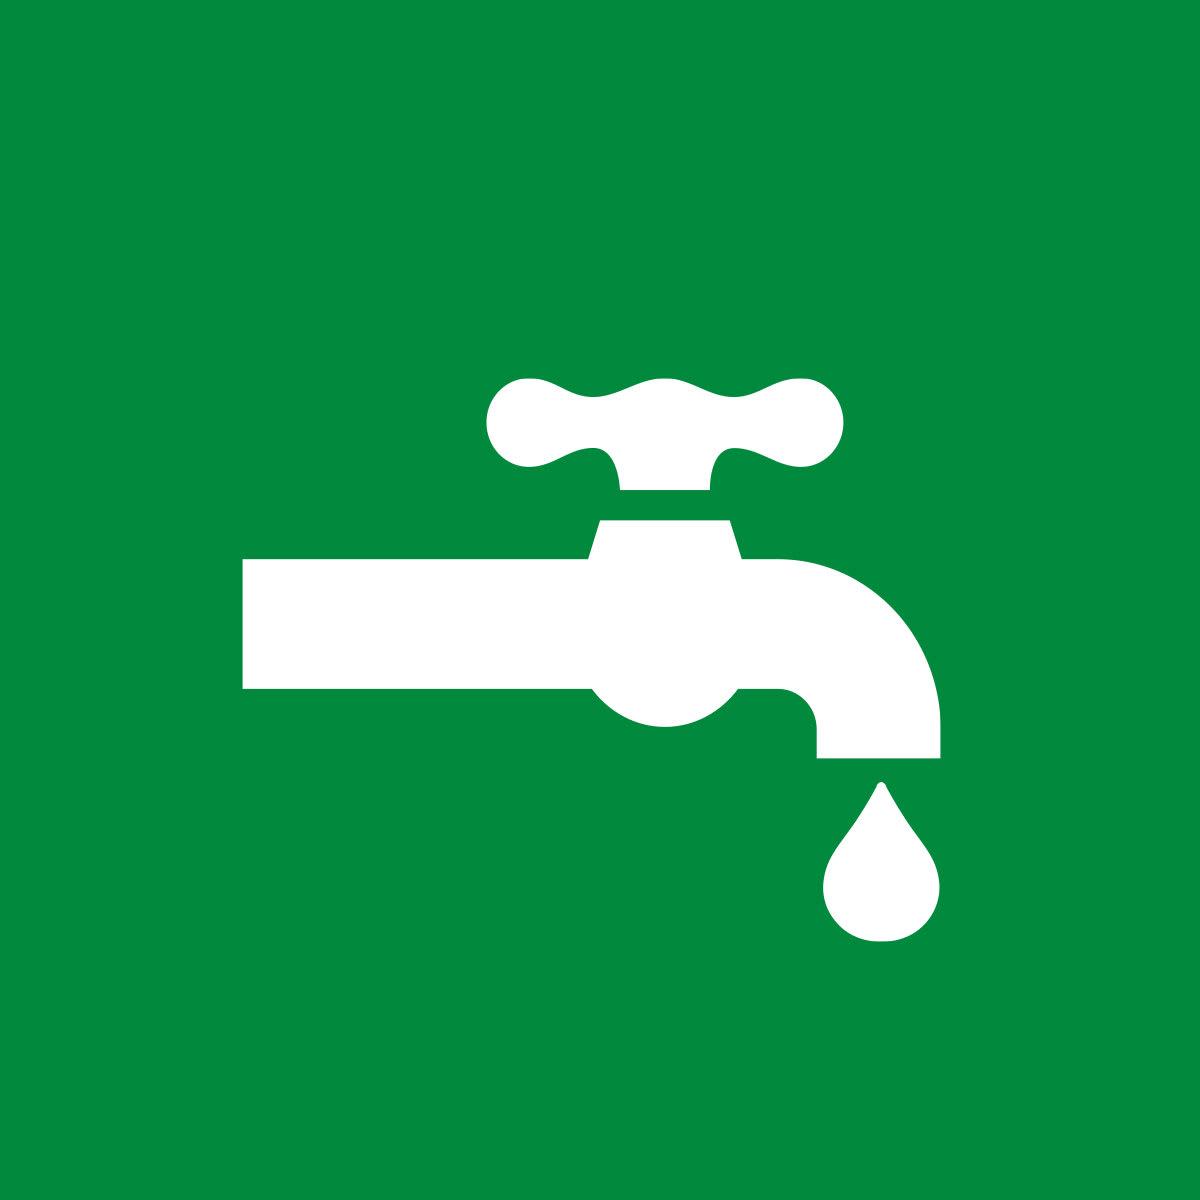 Robinet d'eau qui coule sur fond vert indiquant la fin de l'avis d'ébullition d'eau.